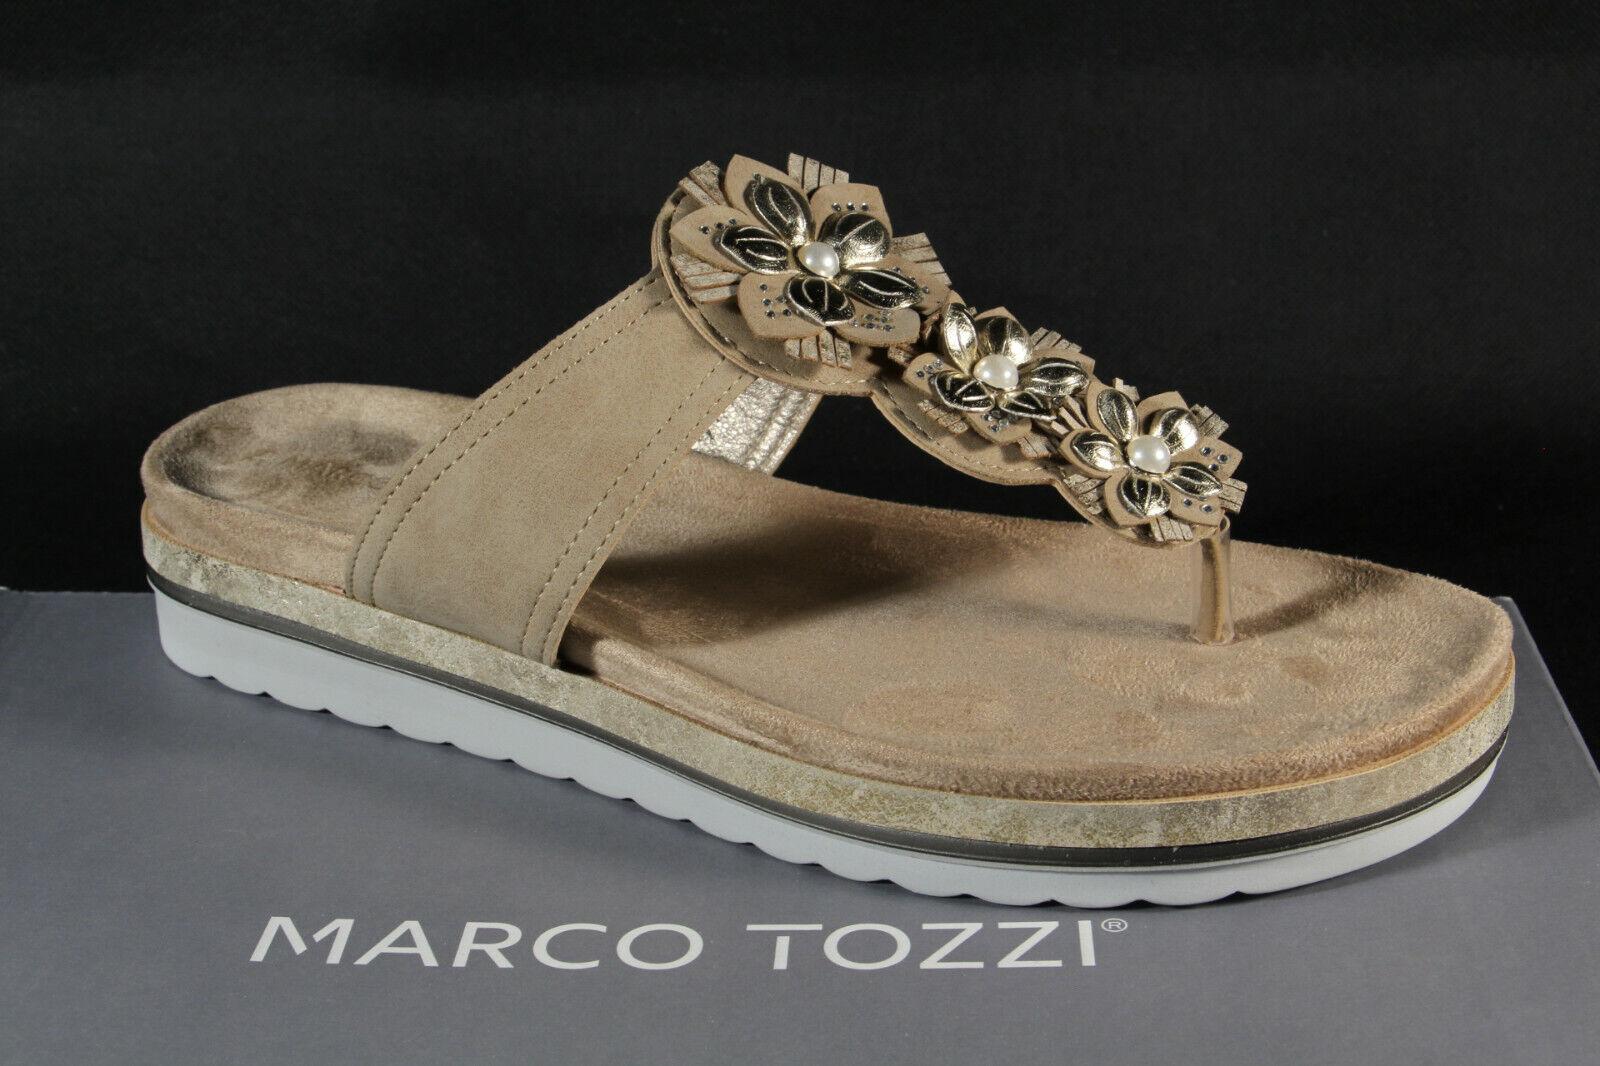 Marco Tozzi Mulas de Dedos Sandalias Pantuflas Beige 27215 Nuevo